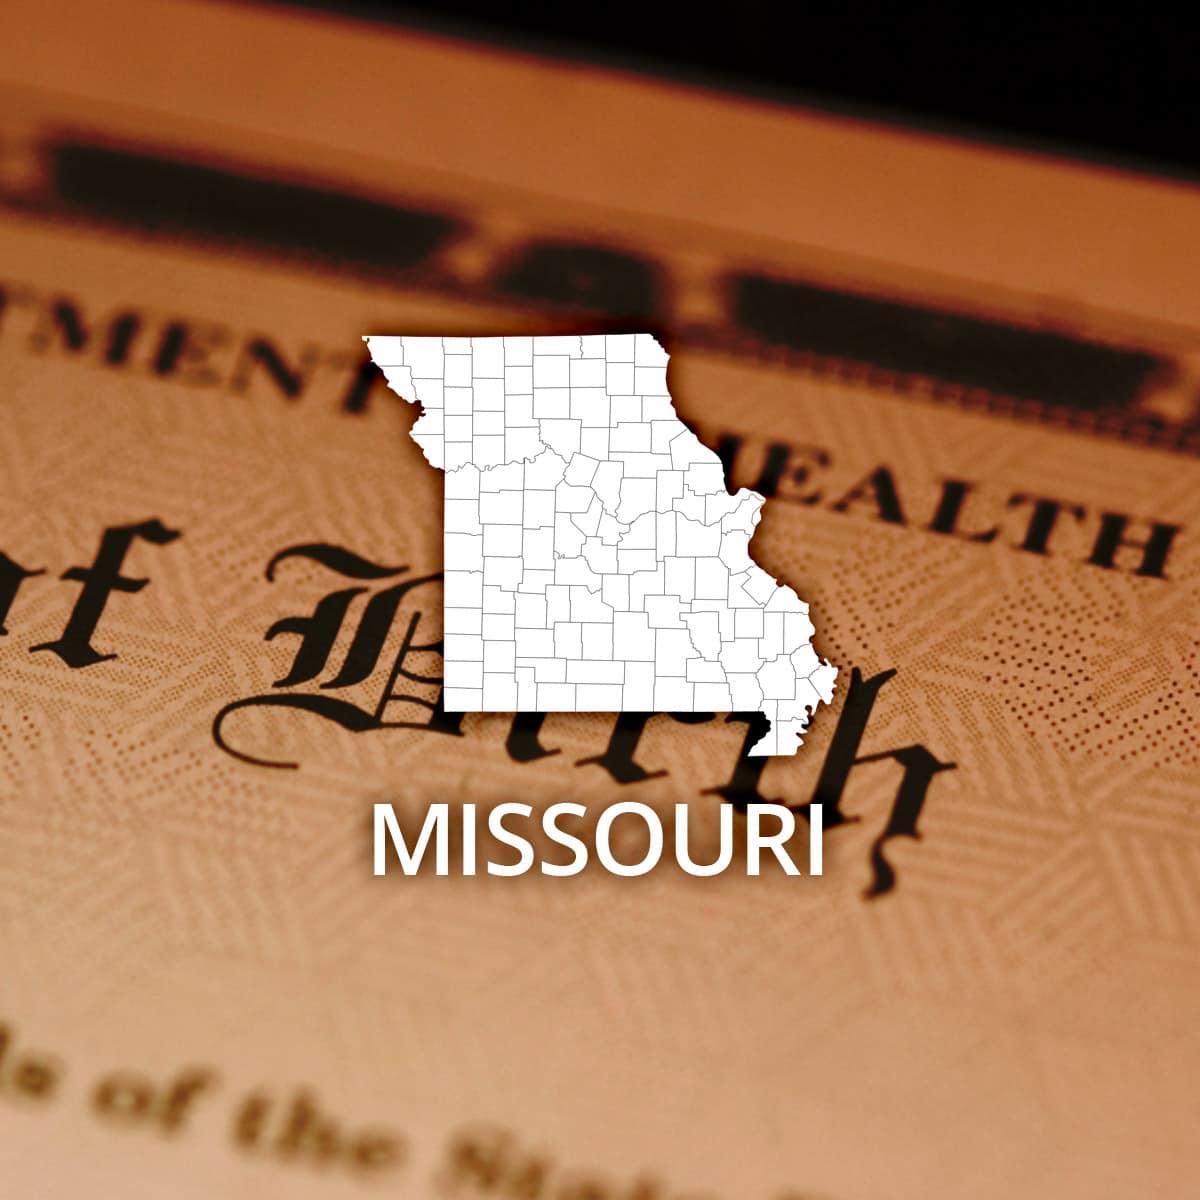 Where to Obtain a Missouri Birth Certificate